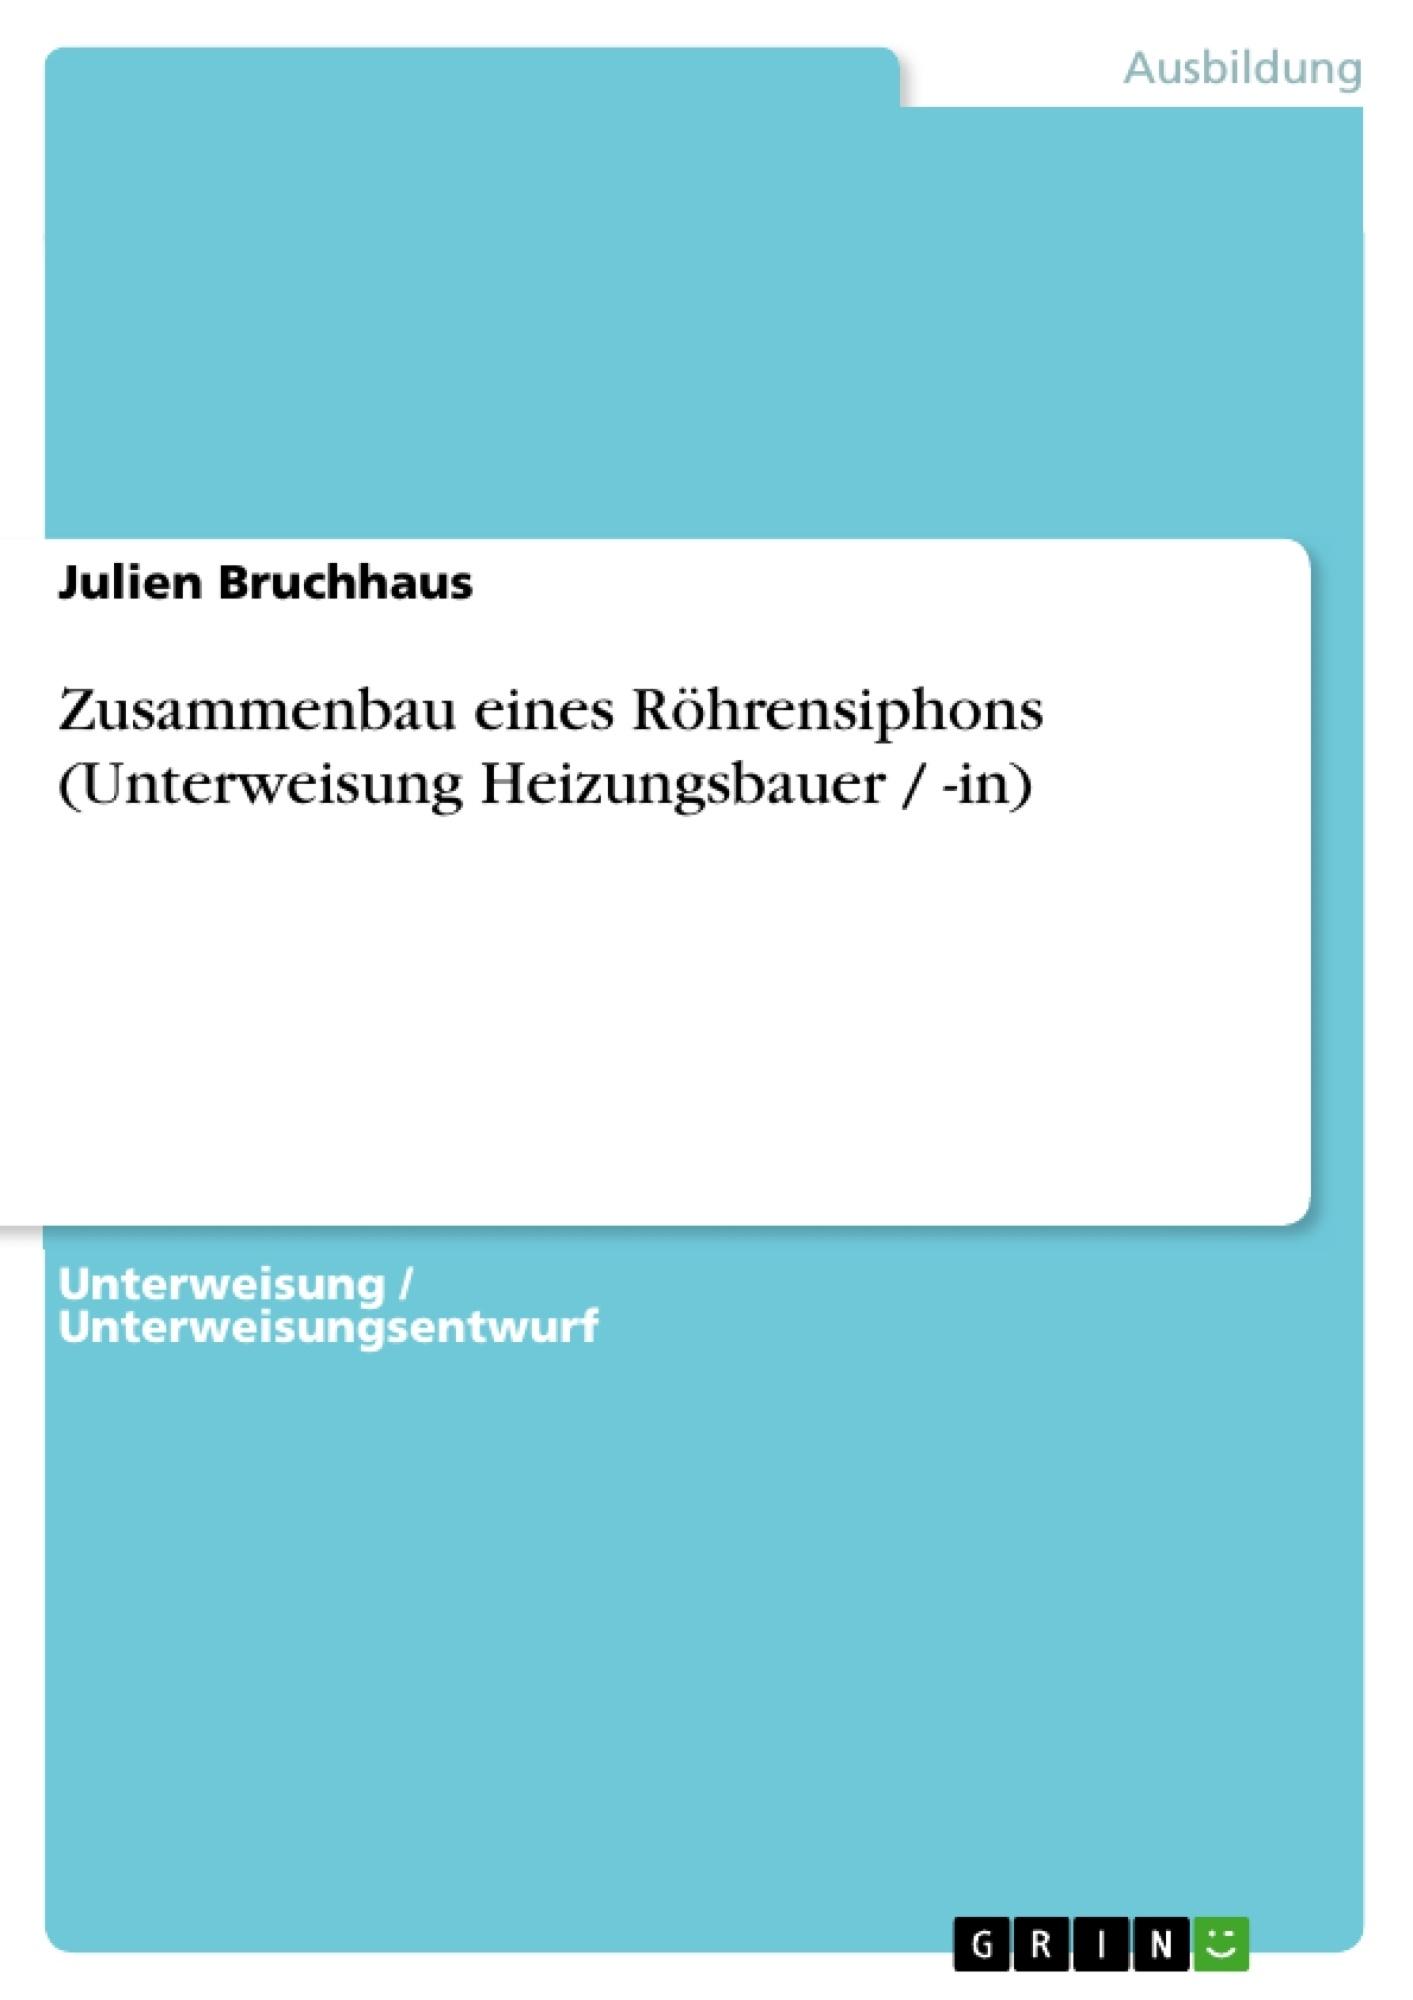 Titel: Zusammenbau eines Röhrensiphons (Unterweisung Heizungsbauer / -in)